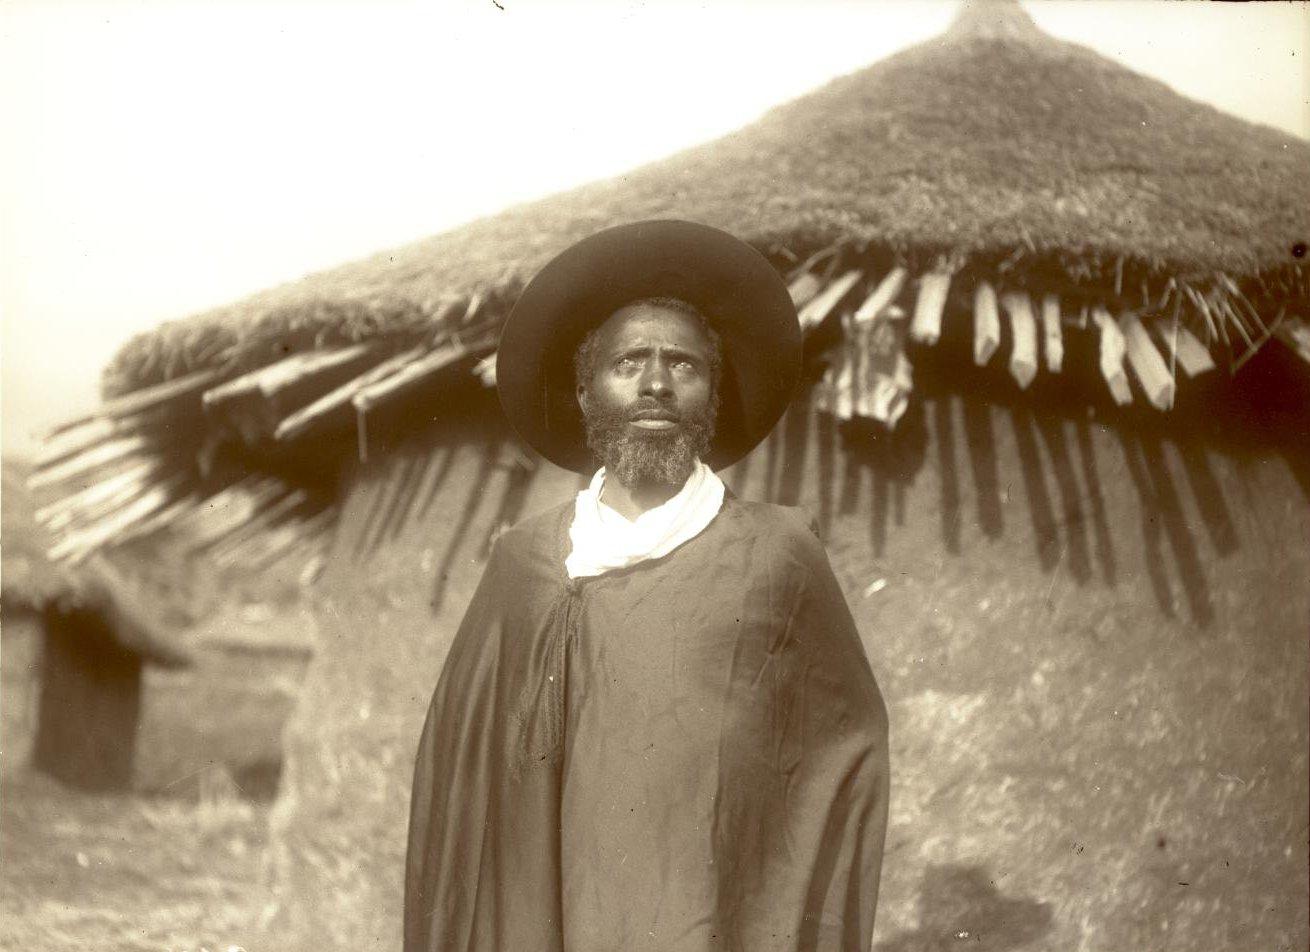 367. 1899. Абиссиния, Аддис-Абеба. Абиссинский иконописец в шляпе. Галла